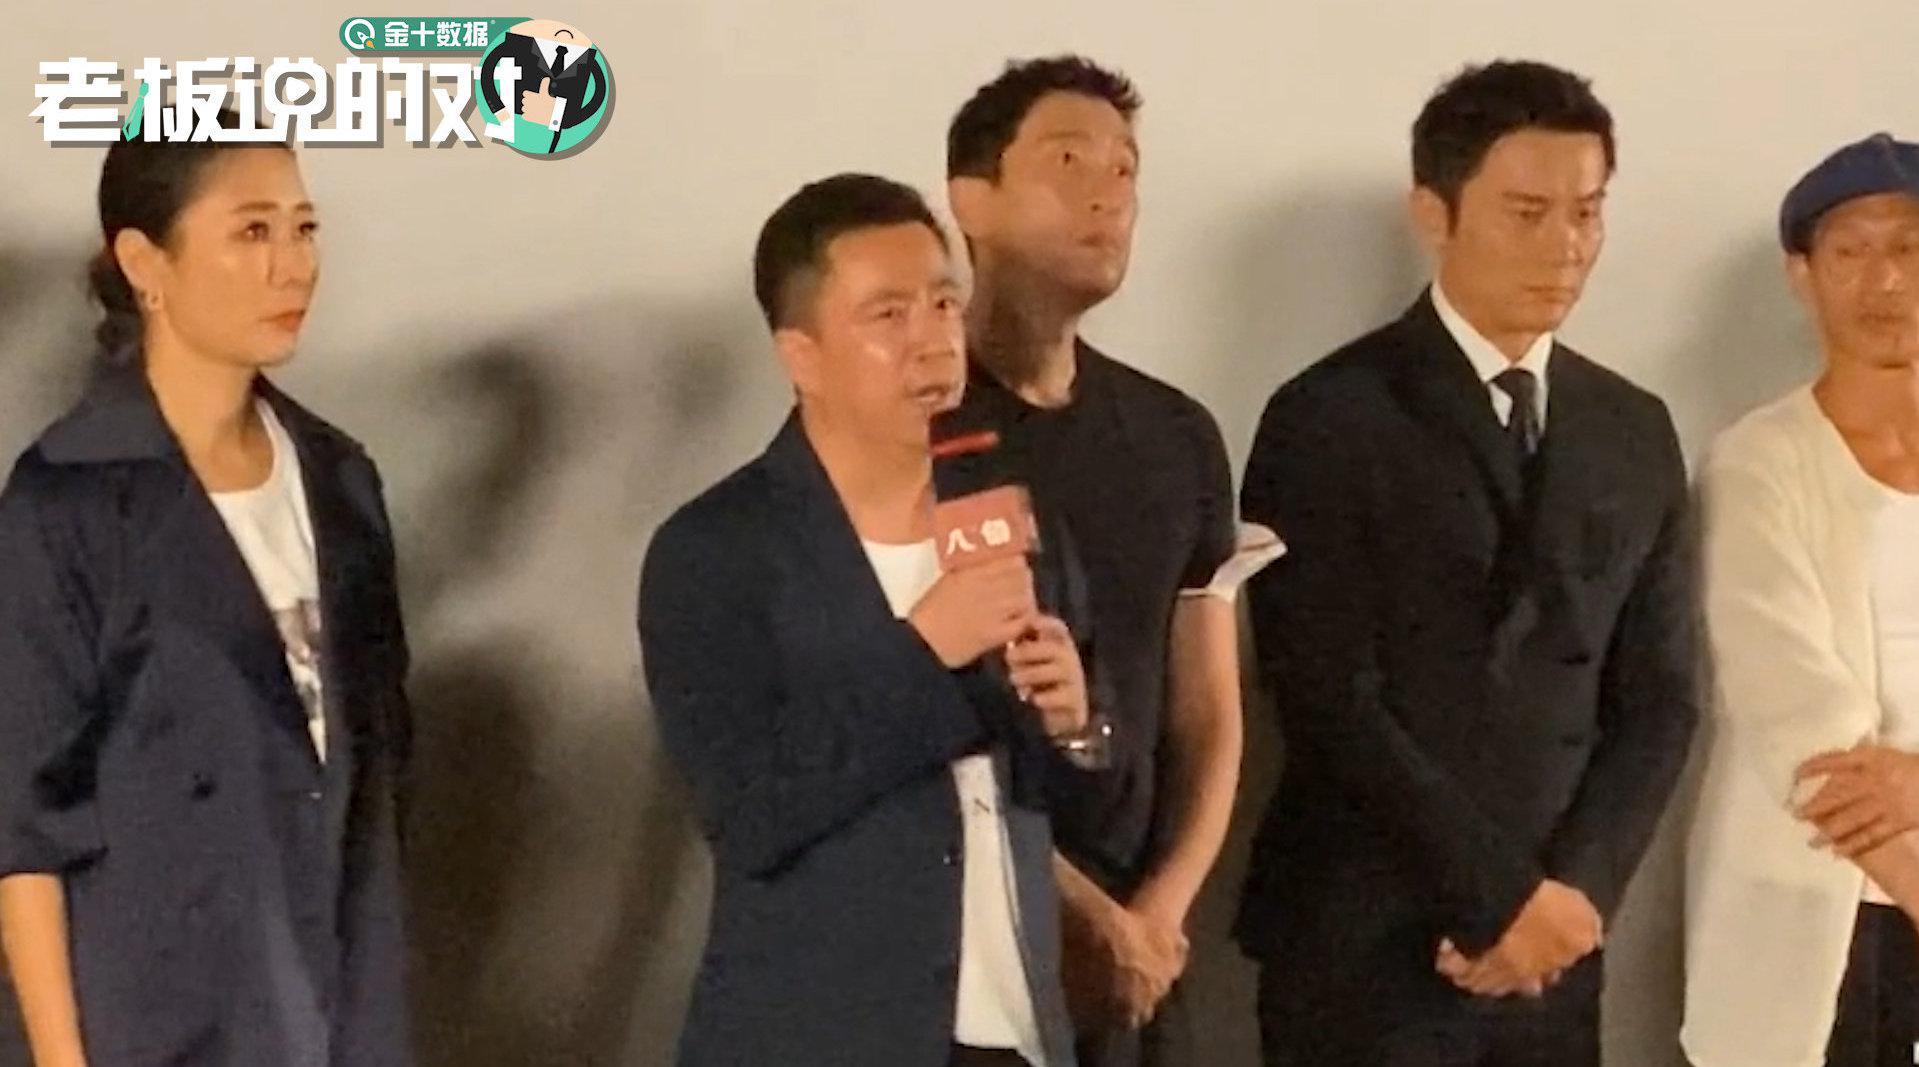 哽咽落泪!王中军出席《八佰》首映礼:拍这个电影是积善行德的事